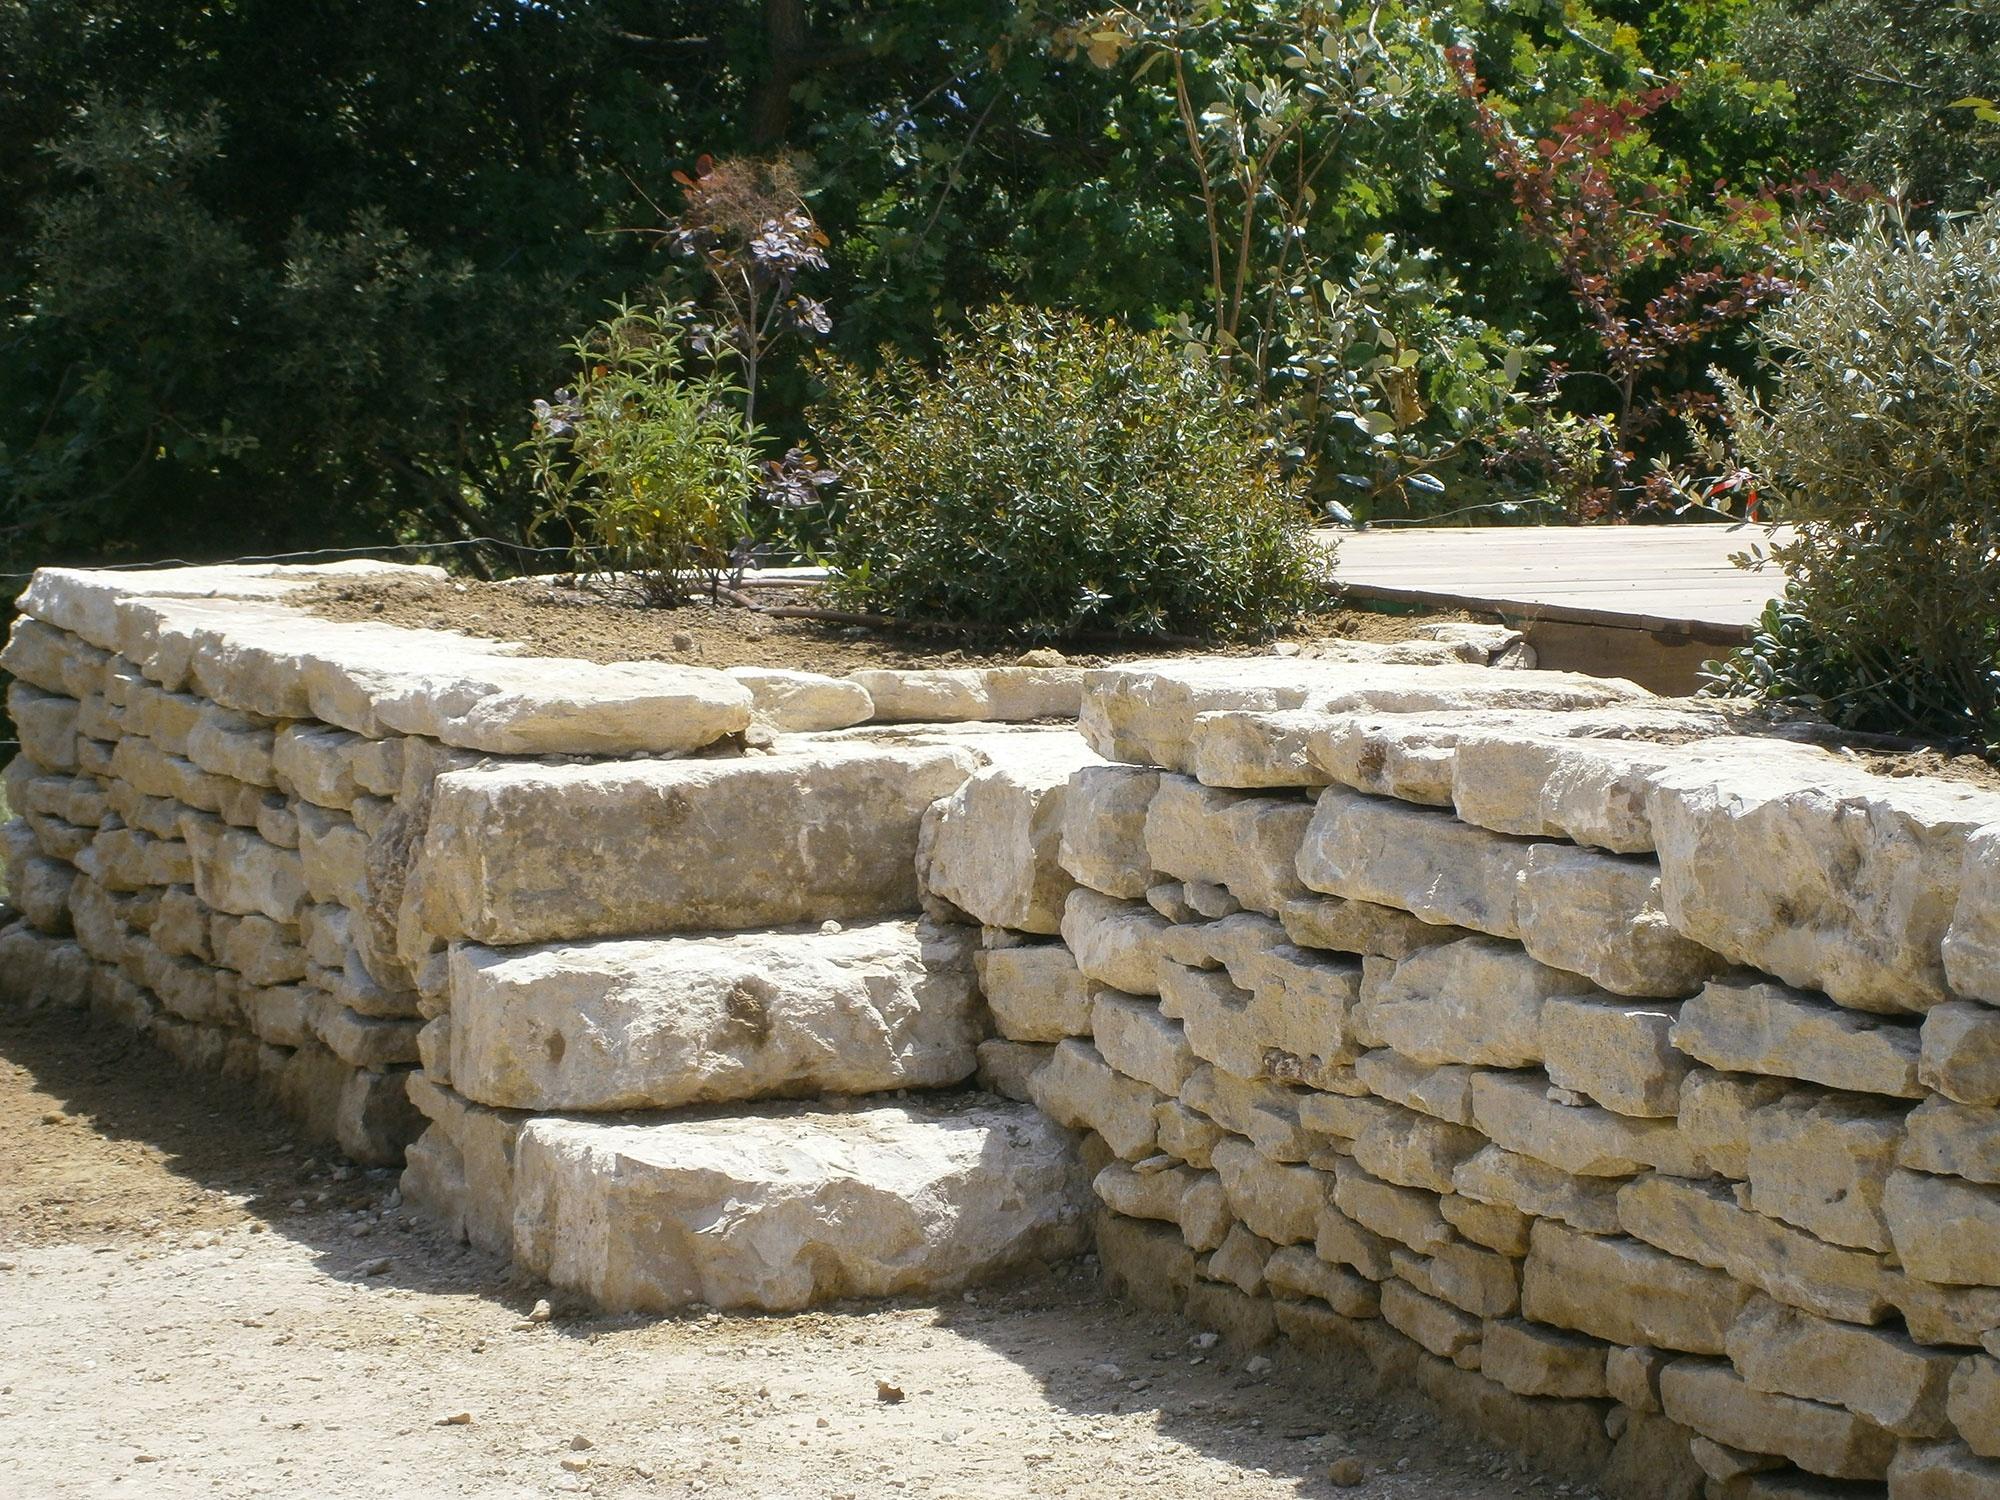 Pierre s che expression paysag re for Construire un escalier en pierre seche